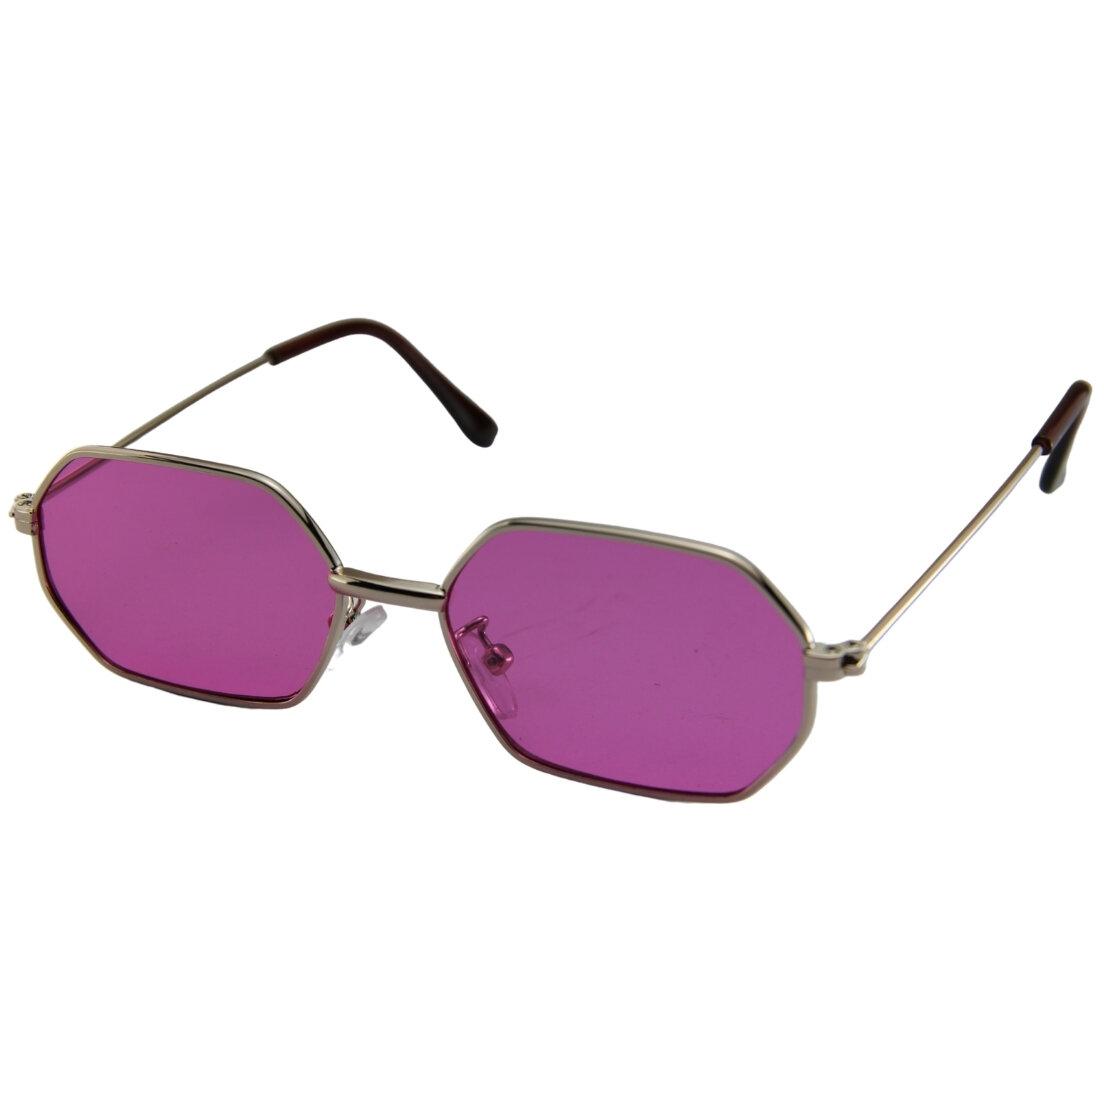 OUTLET -Óculos de Sol Khatto Retrô Hexagonal - Rosa